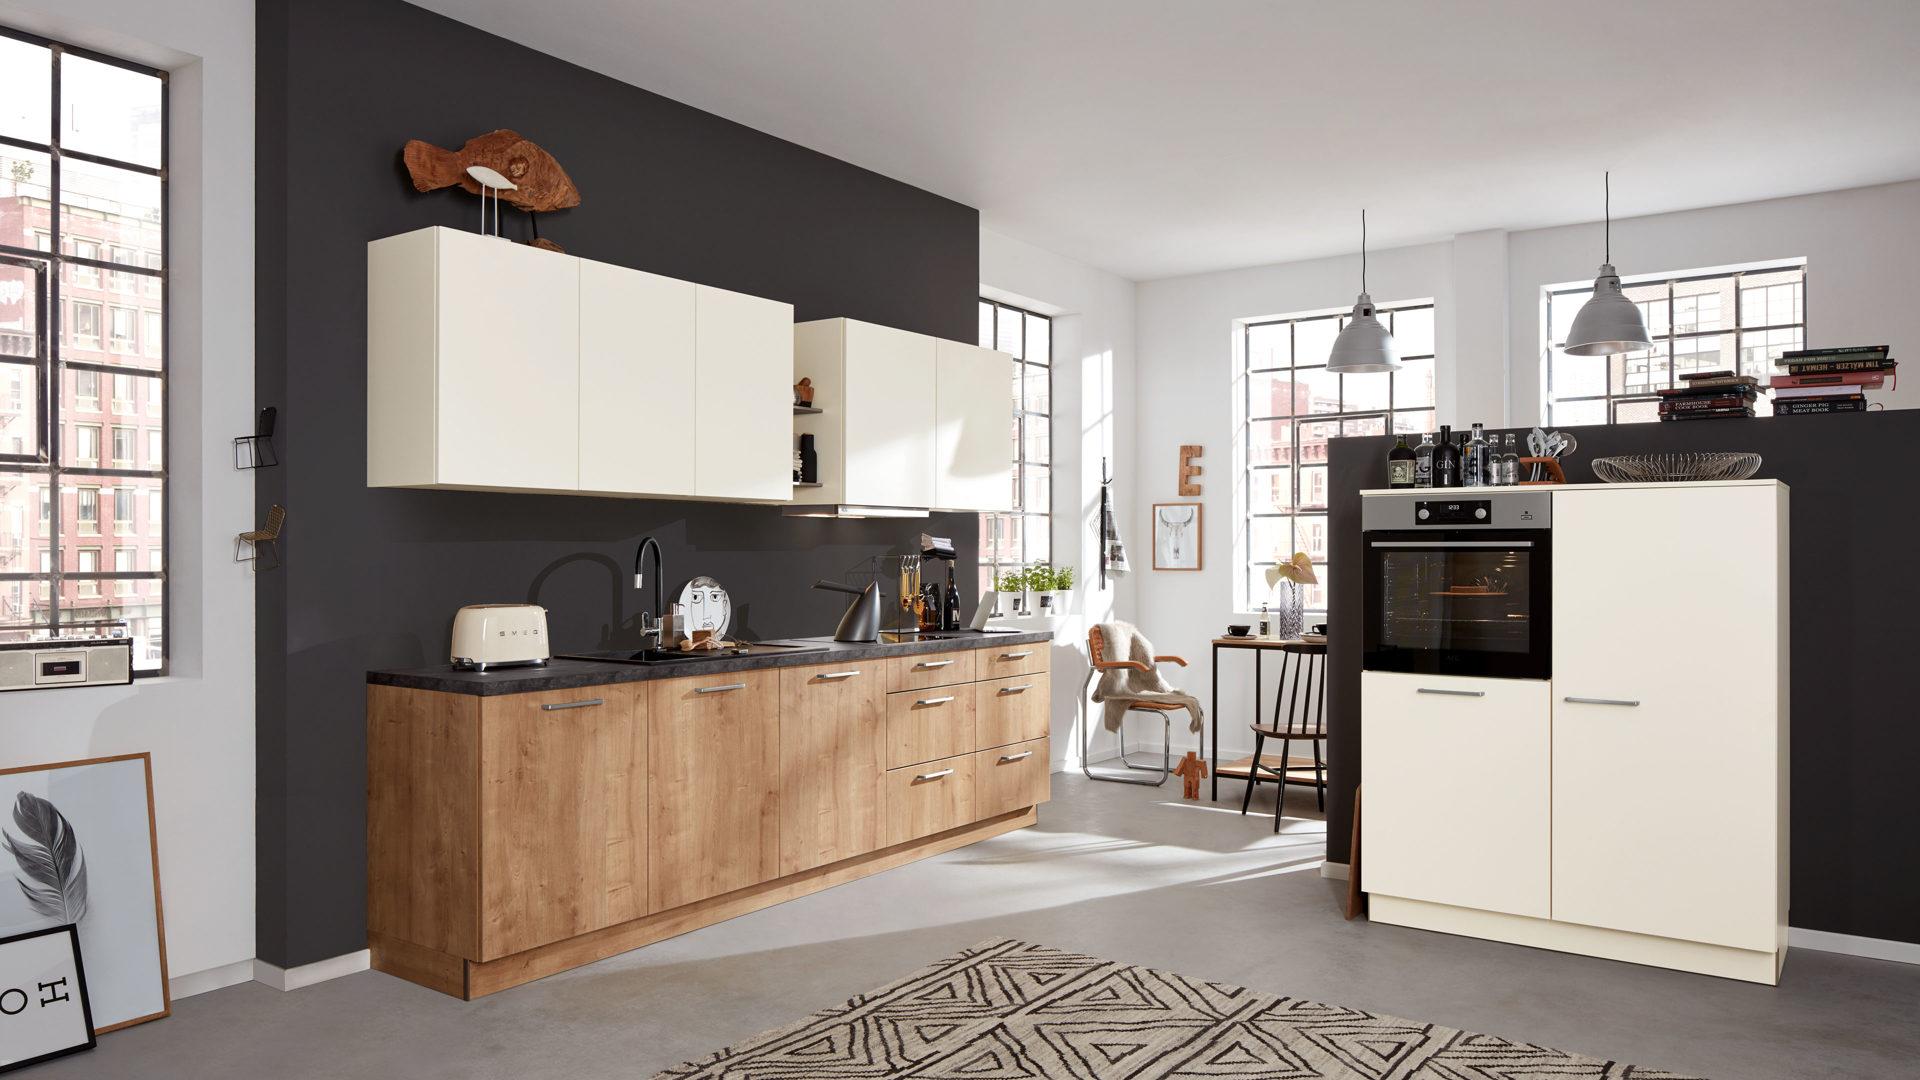 Interliving Küche Serie 3014 mit AEG Einbaugeräten, magnolien- &  Chaleteichefarbene Kunststoffoberflächen – zweiteilig